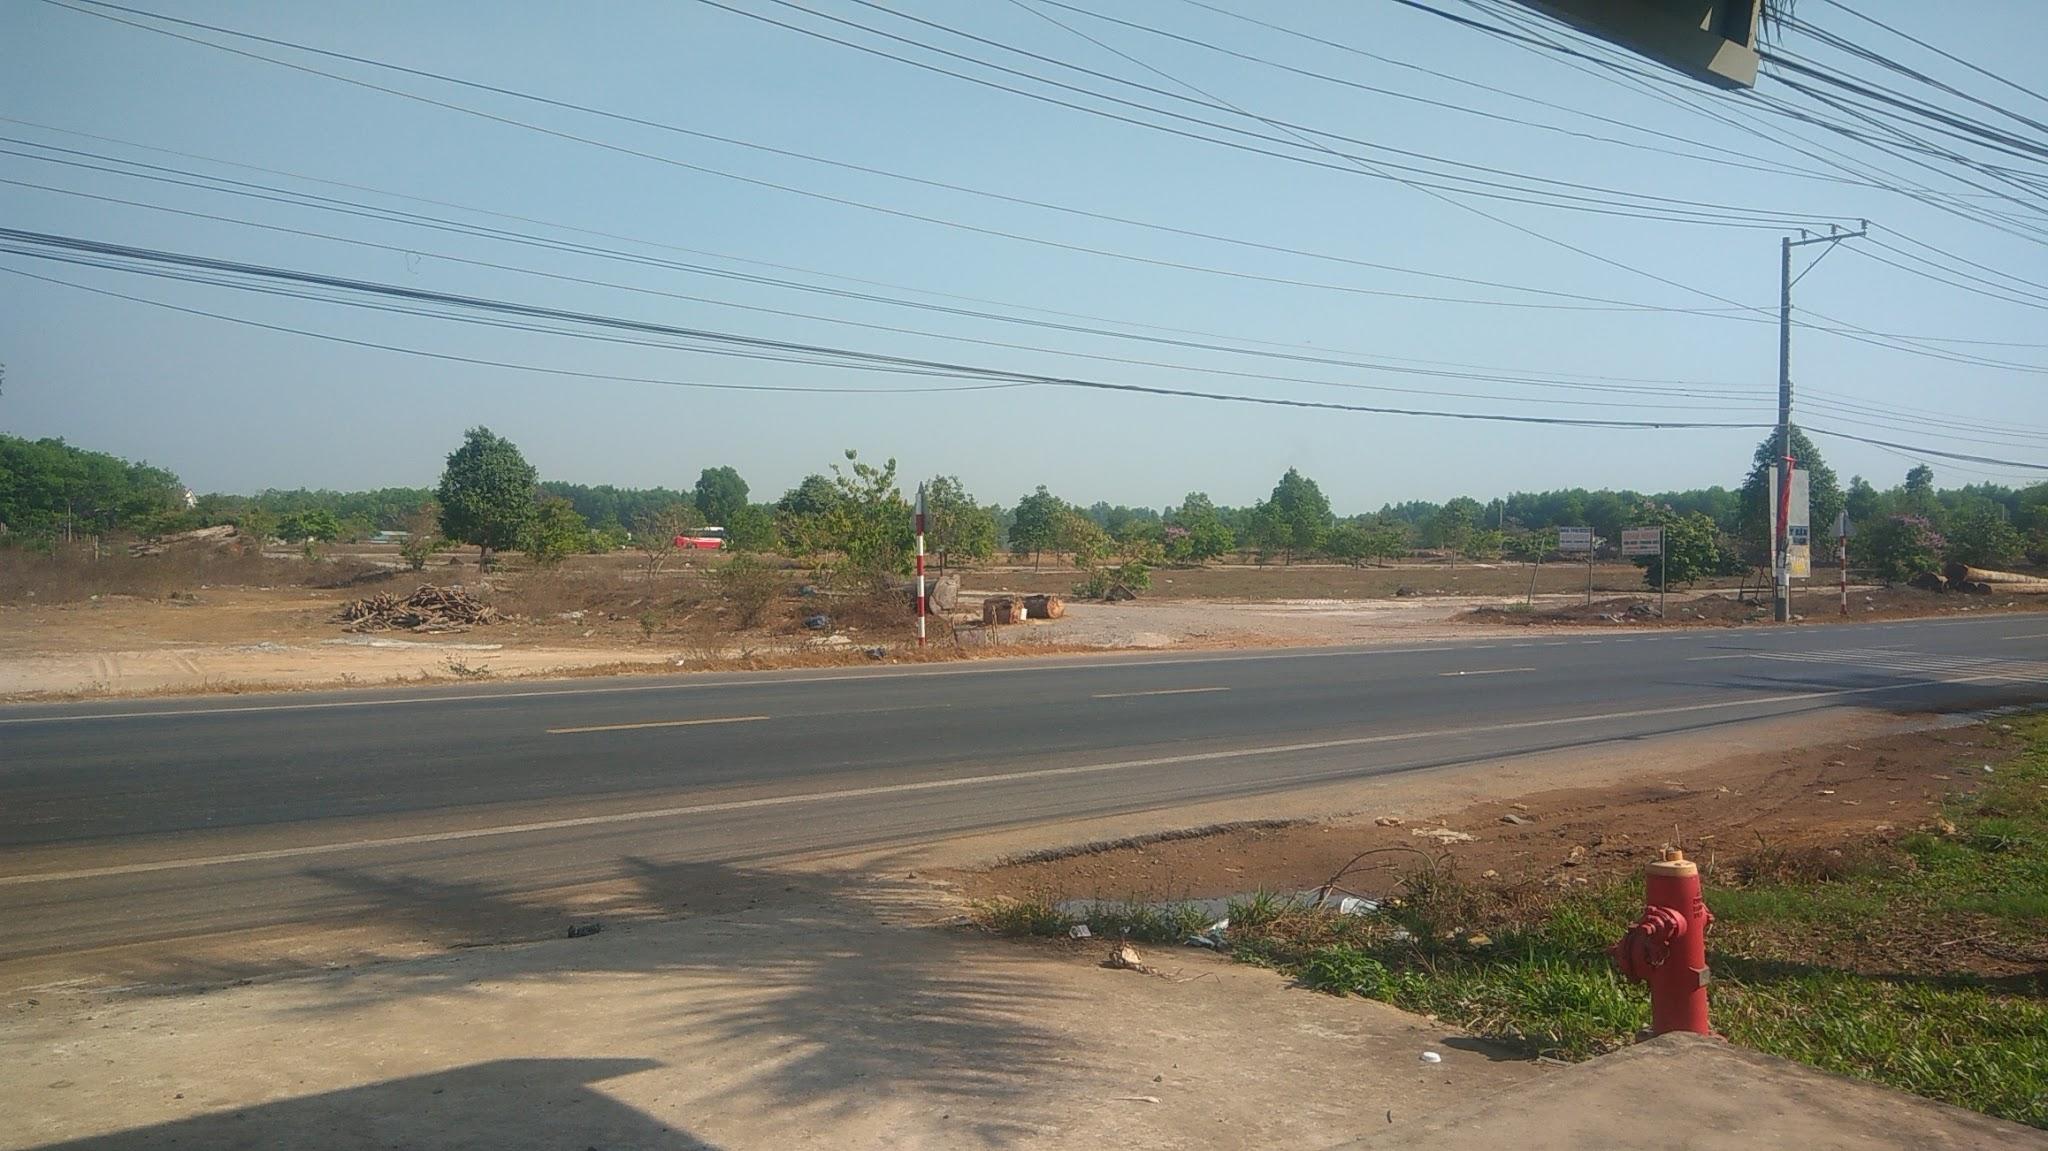 Bán đất gần sân bay Long Thành mặt tiền đường tỉnh lộ dt 769